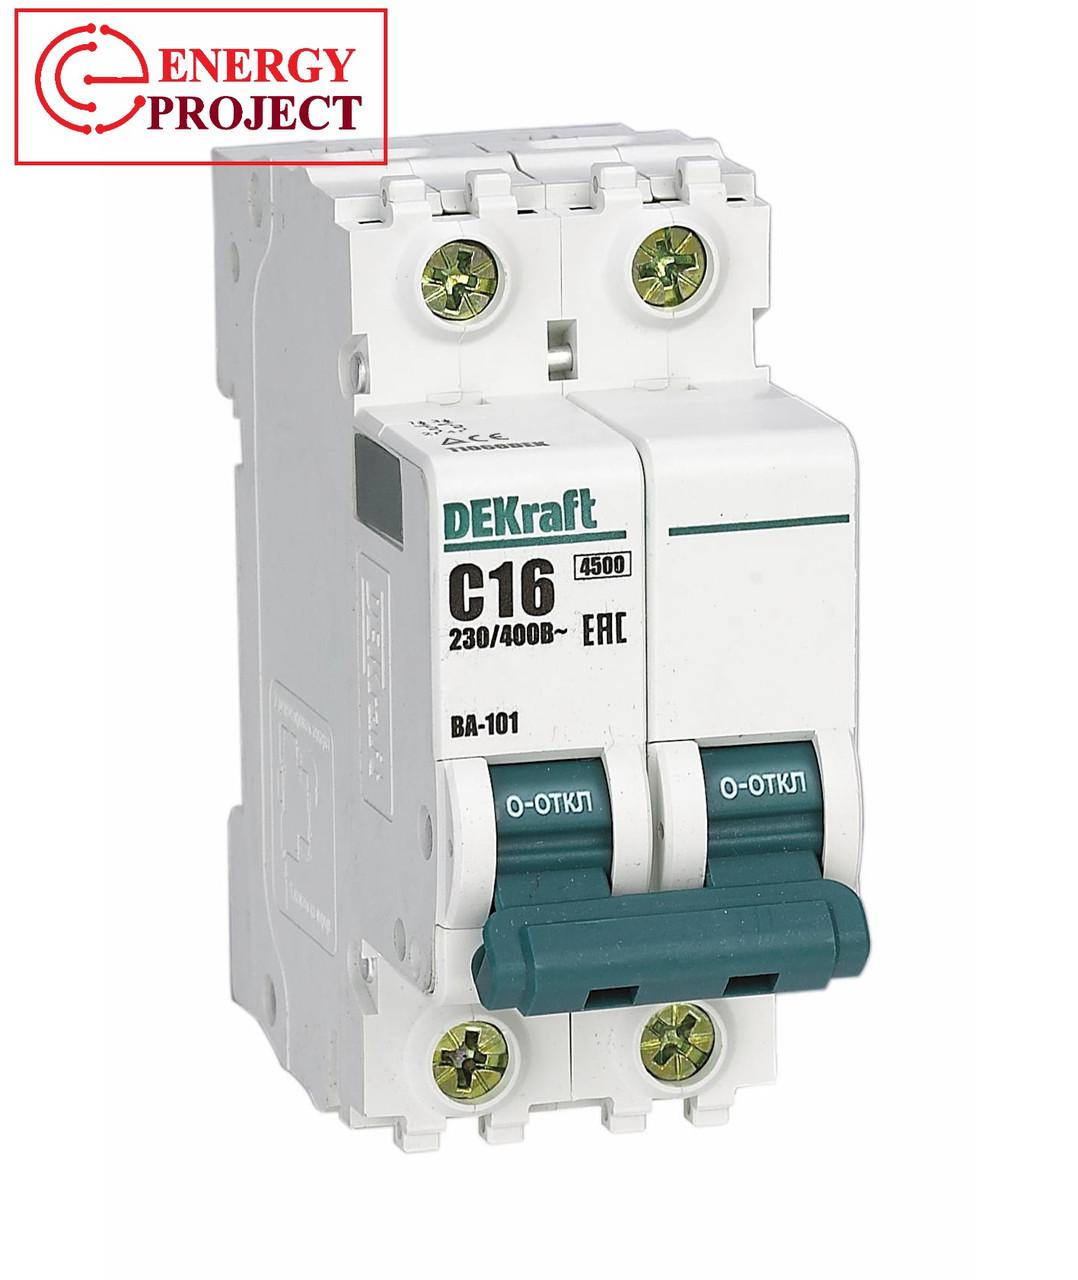 Автоматический выключатель ВА 101 1П 63А(114) Dekraft